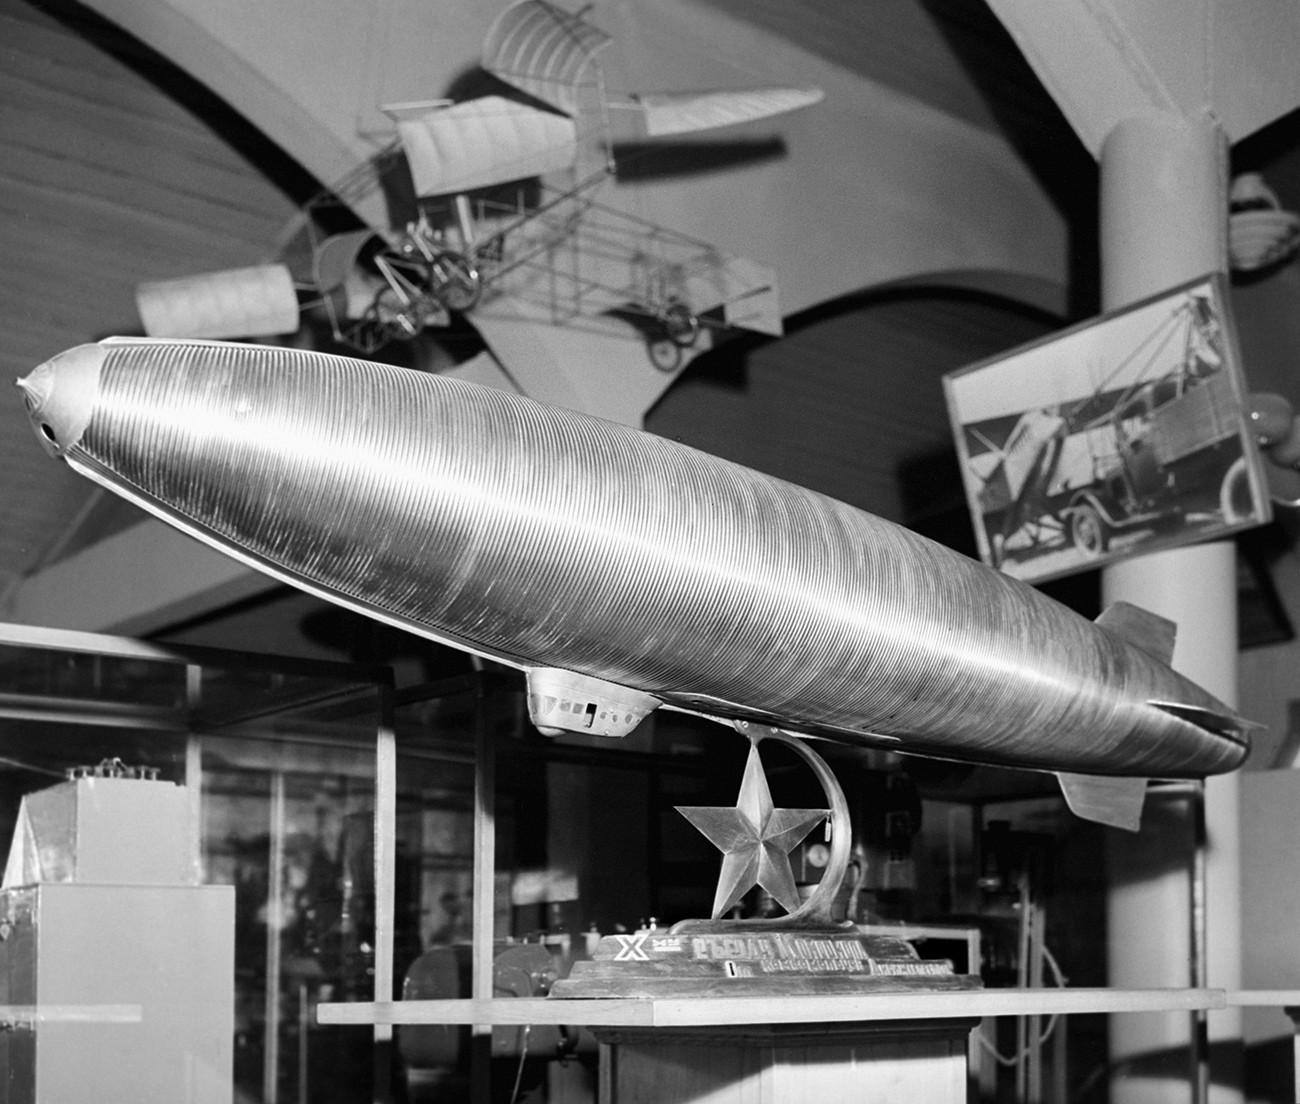 Model kovinske zračne ladje Ciolkovskega v Muzeju Jurija Gagarina in Akademiji zračnih sil Kutuzova